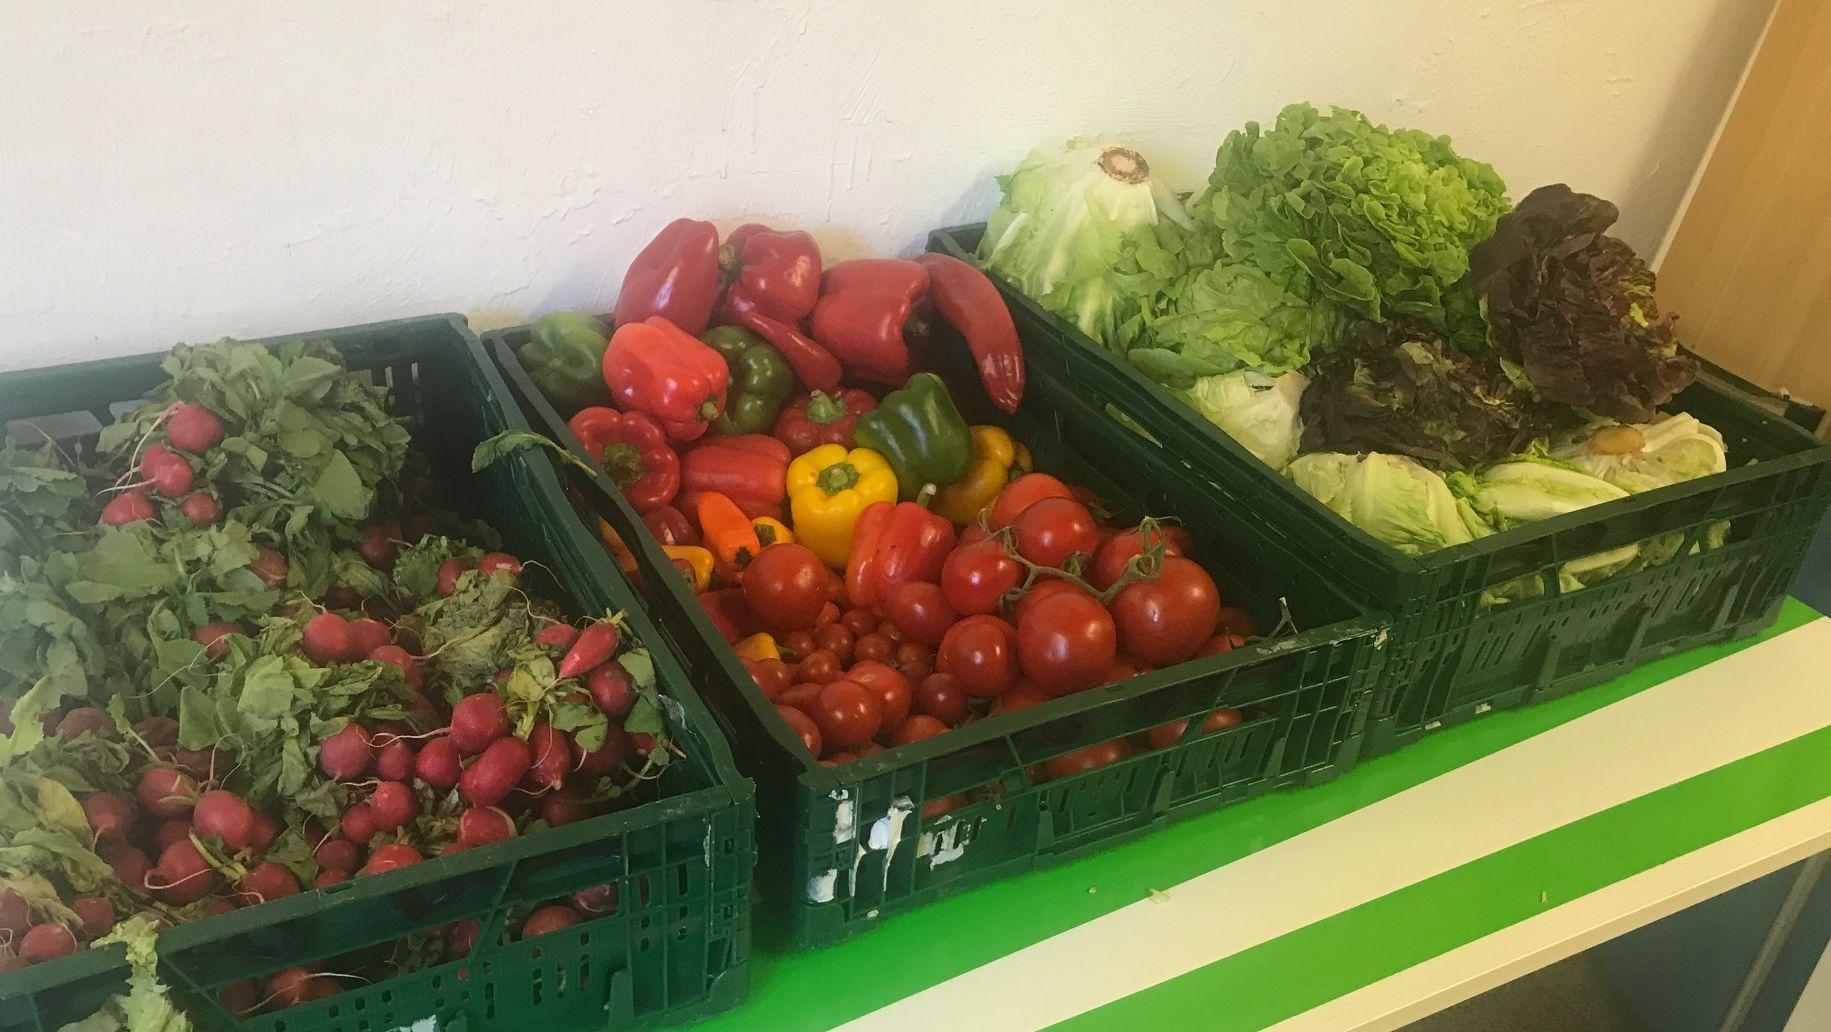 Gemüse im Foodsaver-Laden in Kempten